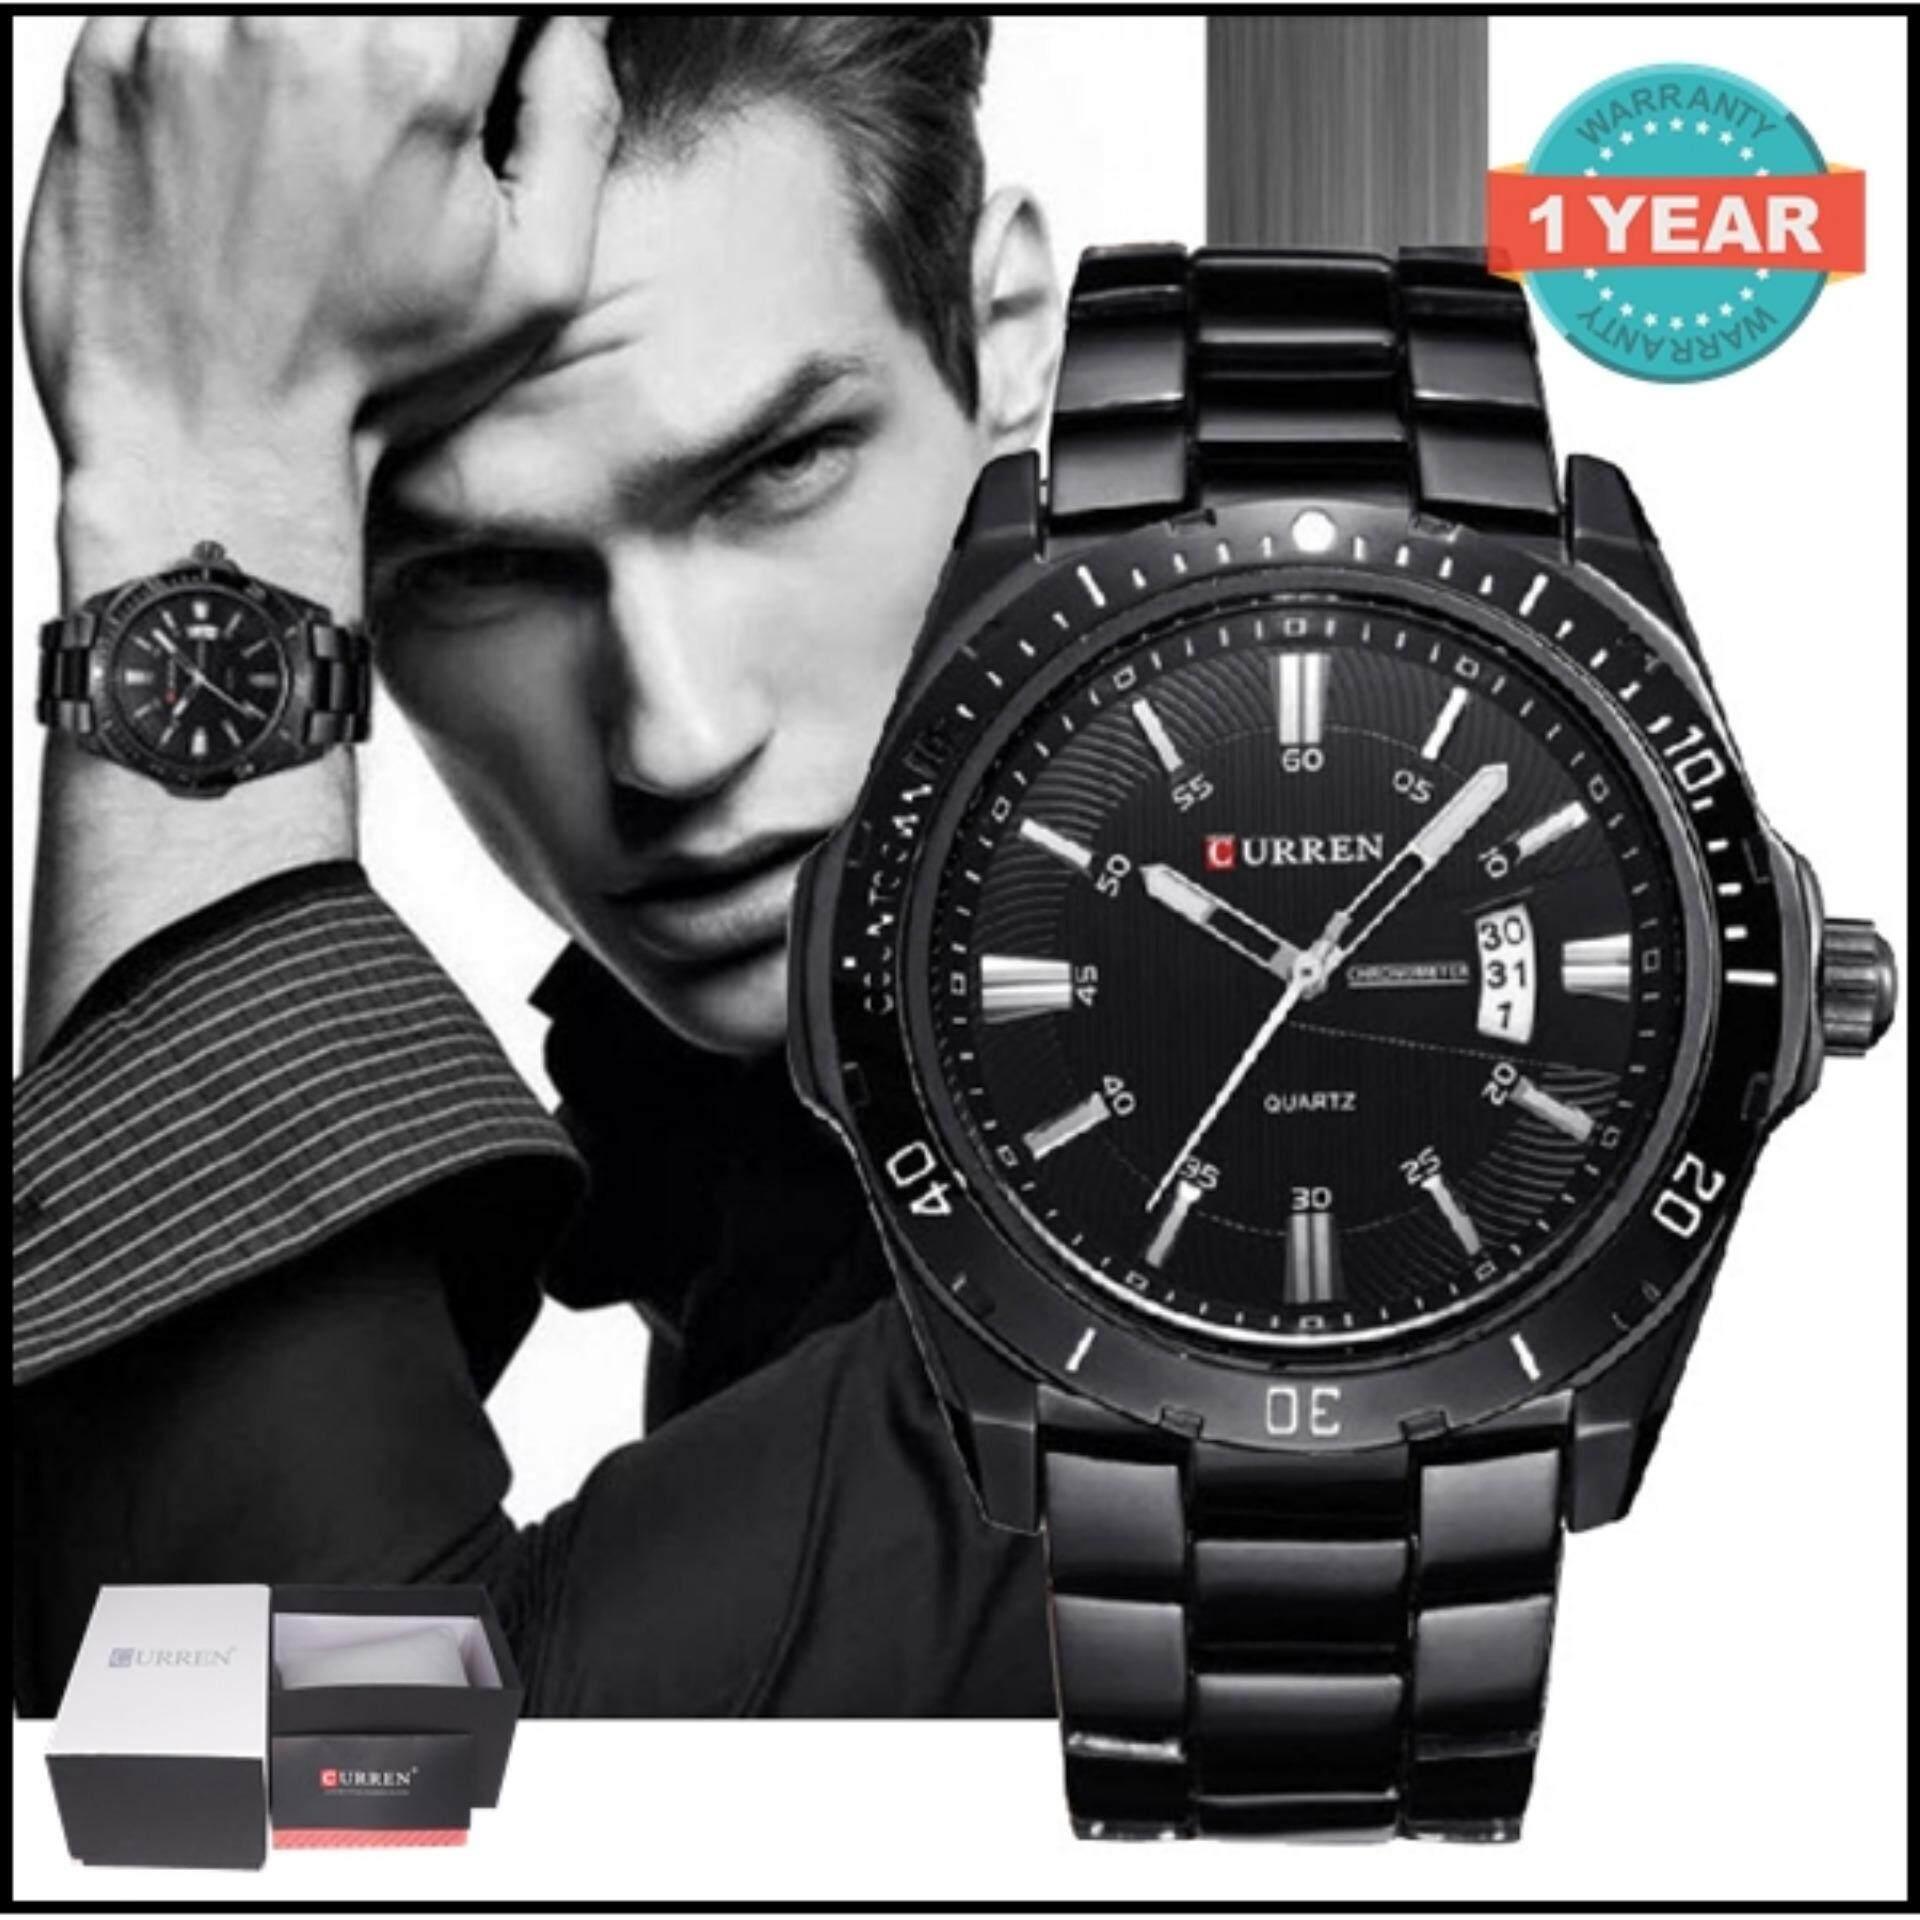 ซื้อ Curren นาฬิกาข้อมือสุภาพบุรุษ สายสแตนเลส รุ่น C8110 Black ถูก ใน สมุทรปราการ